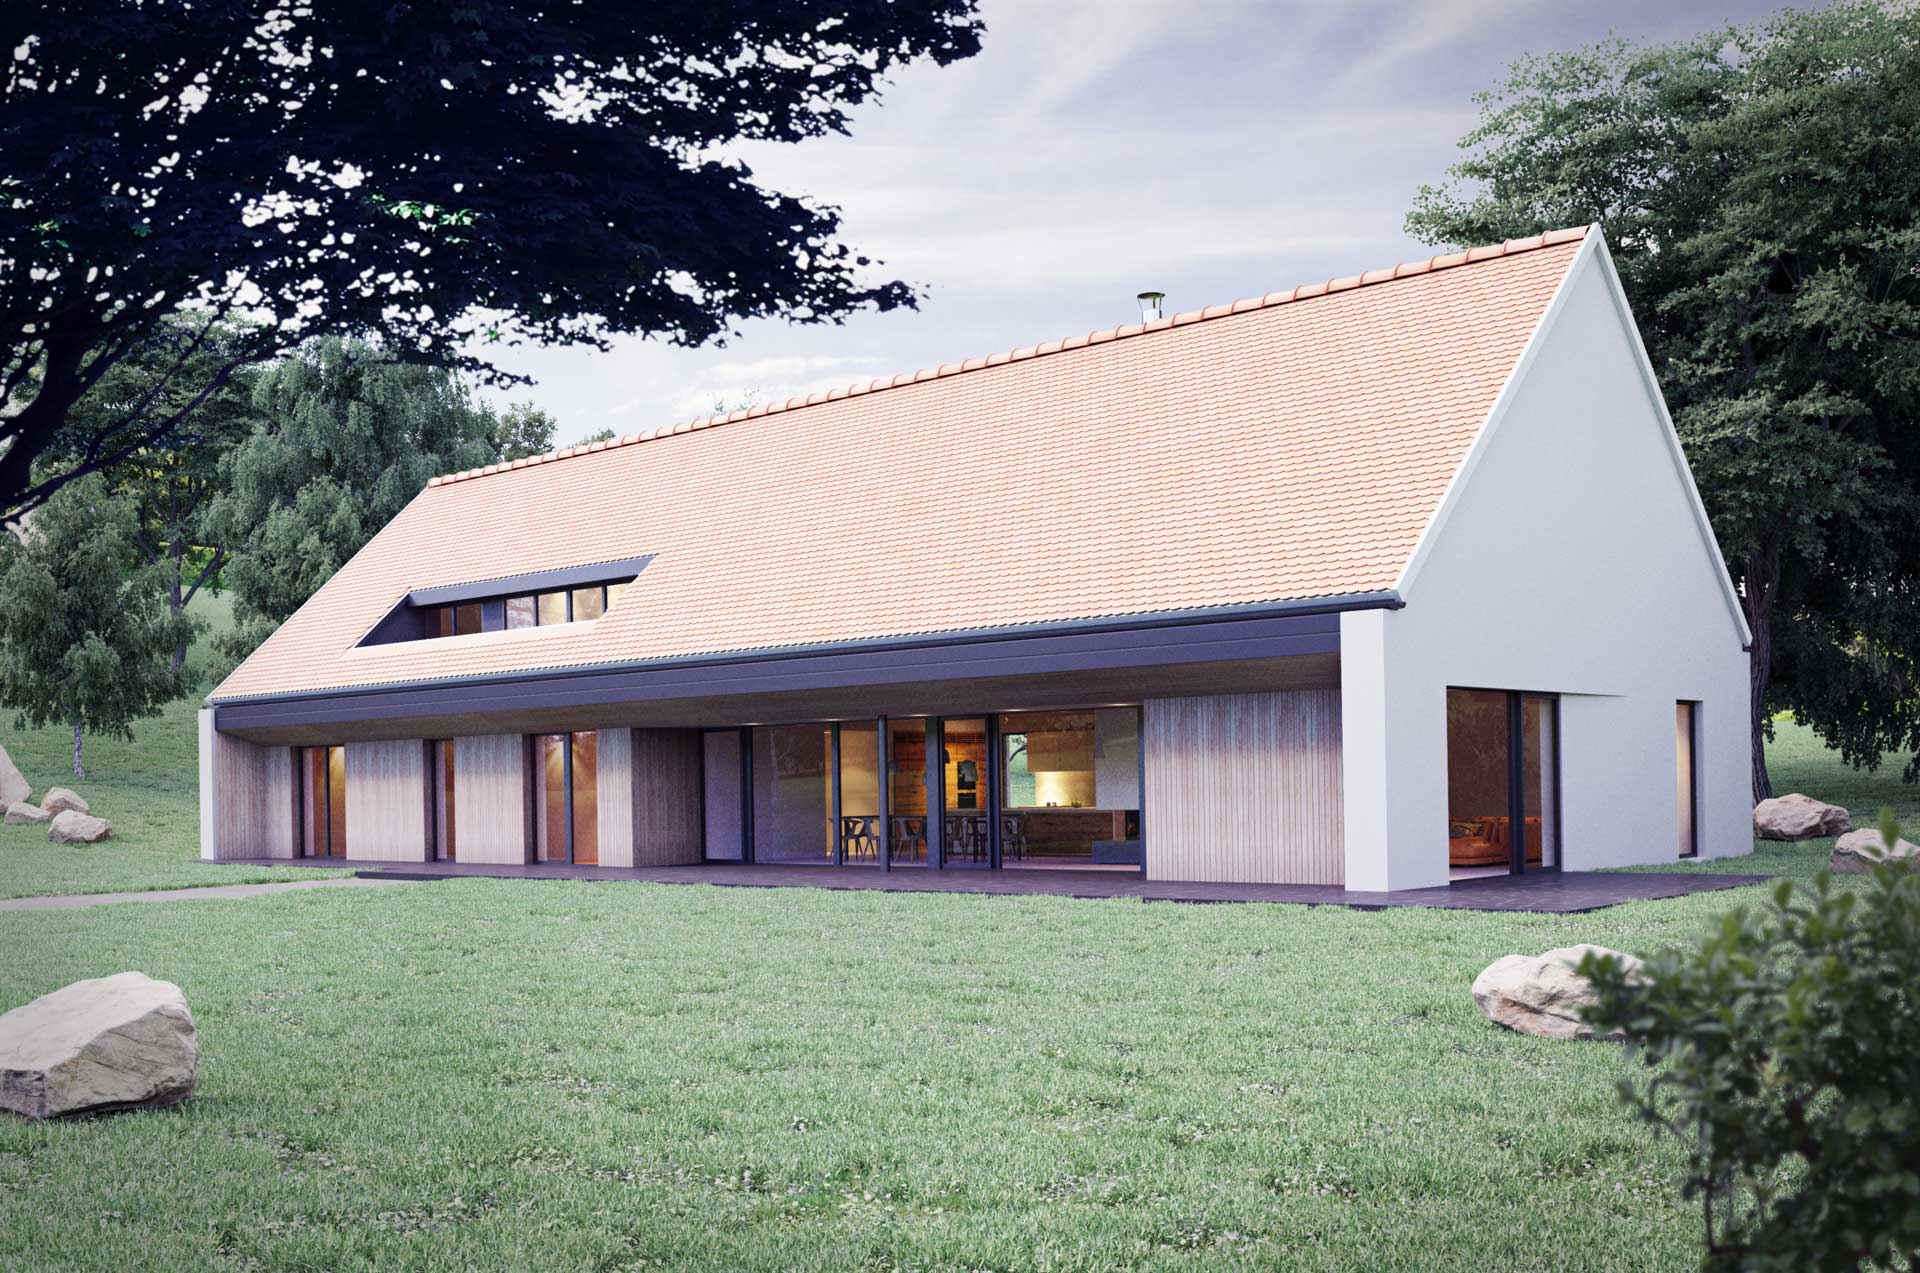 3D archviz of an one family house - exterior